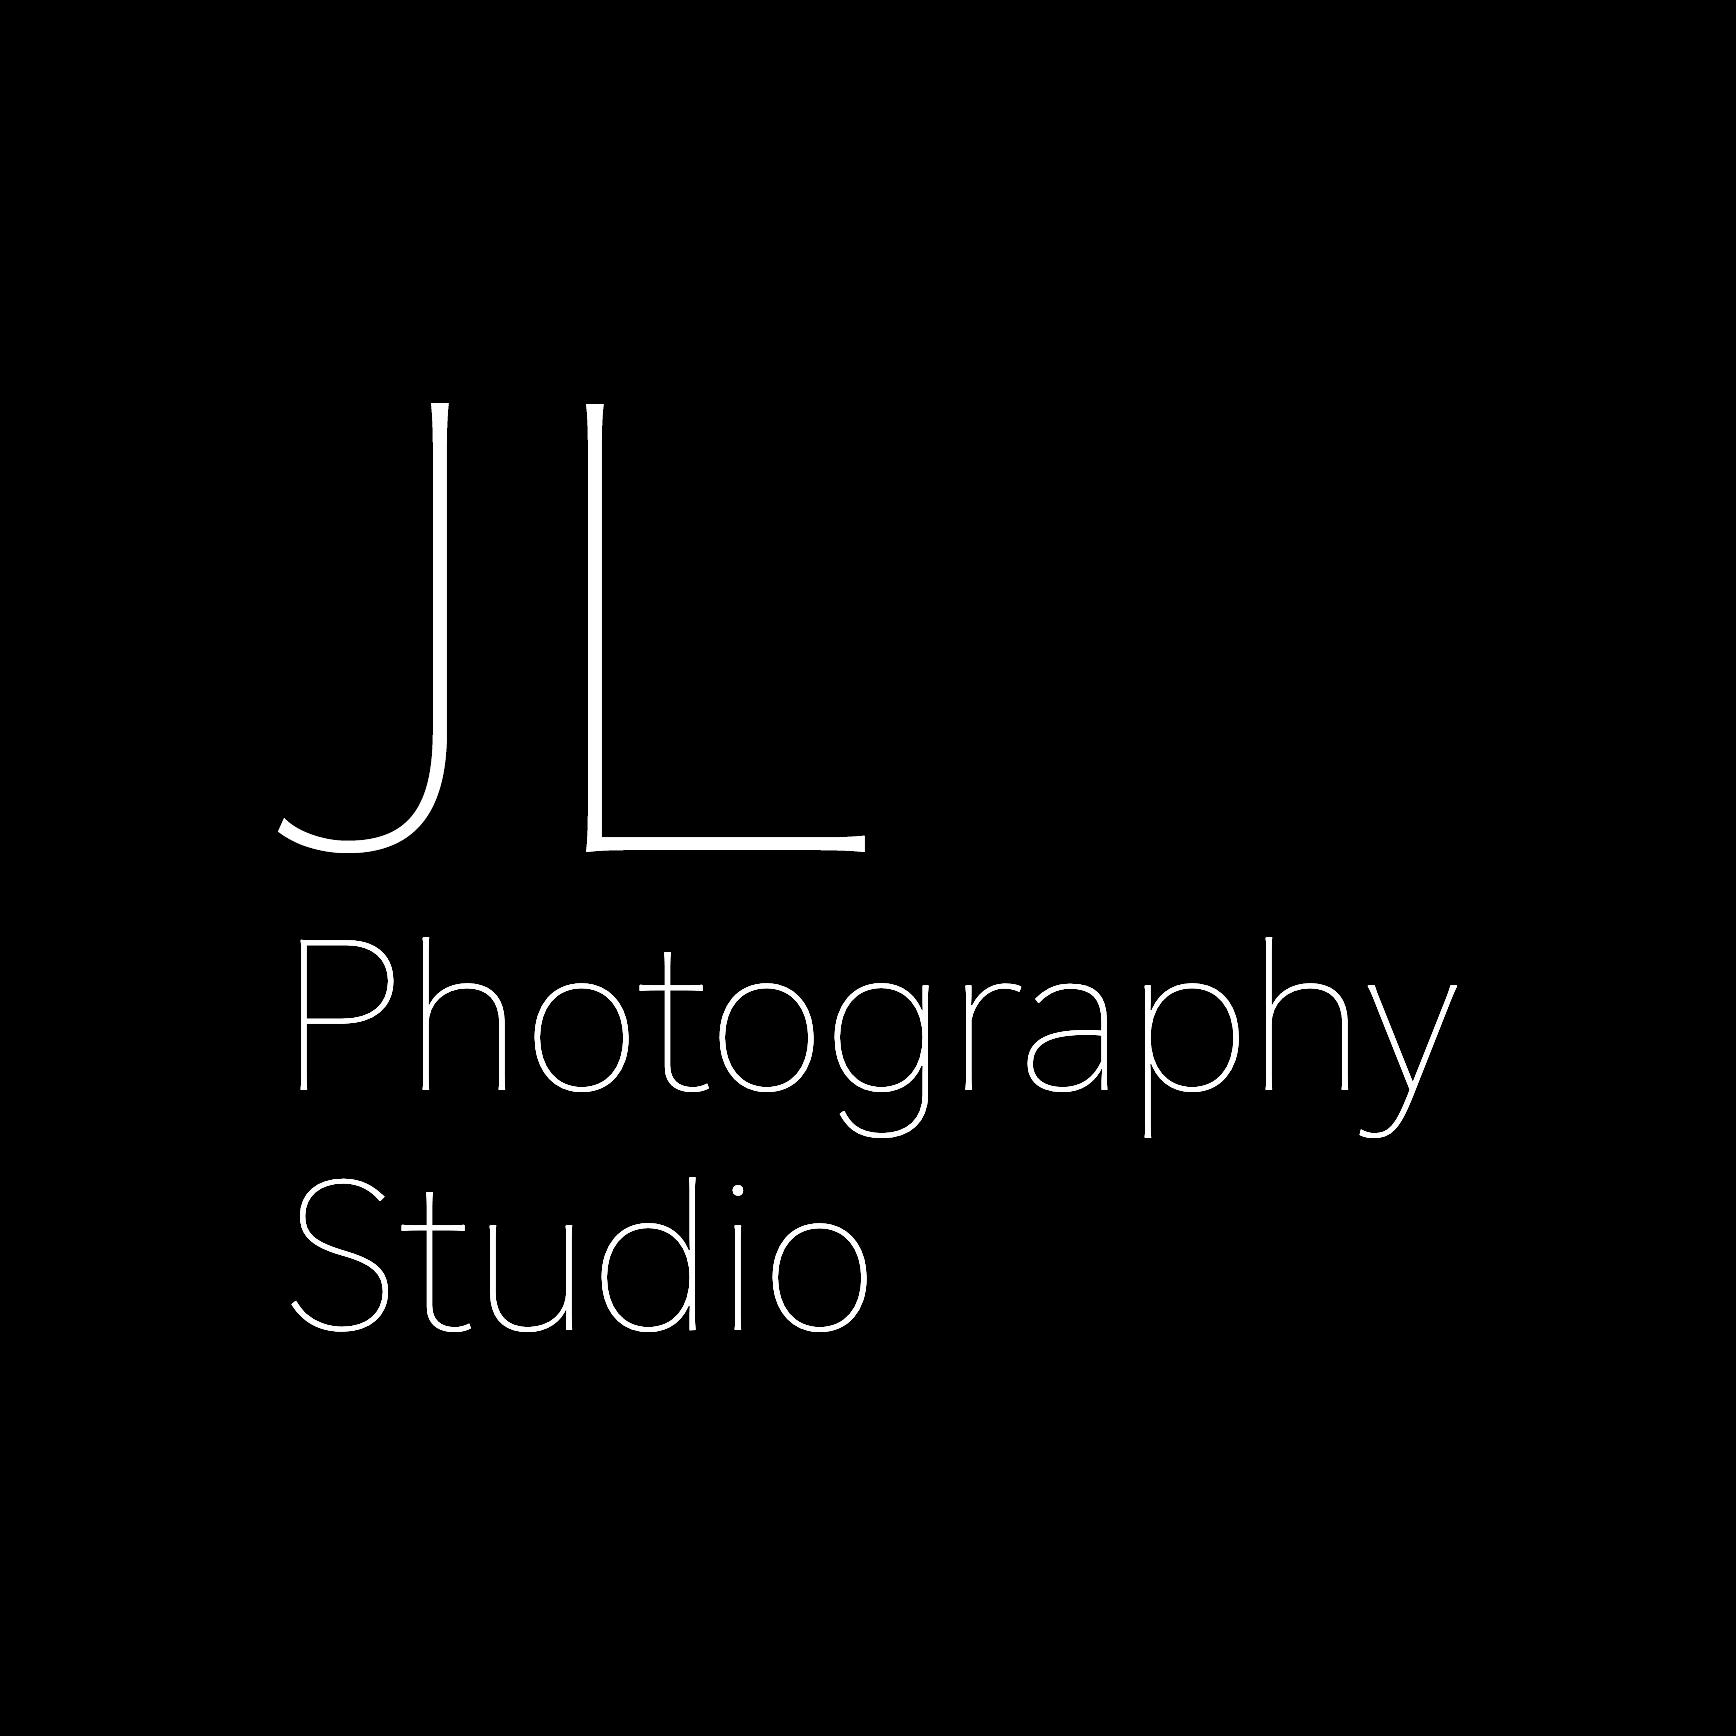 logo new black.jpg